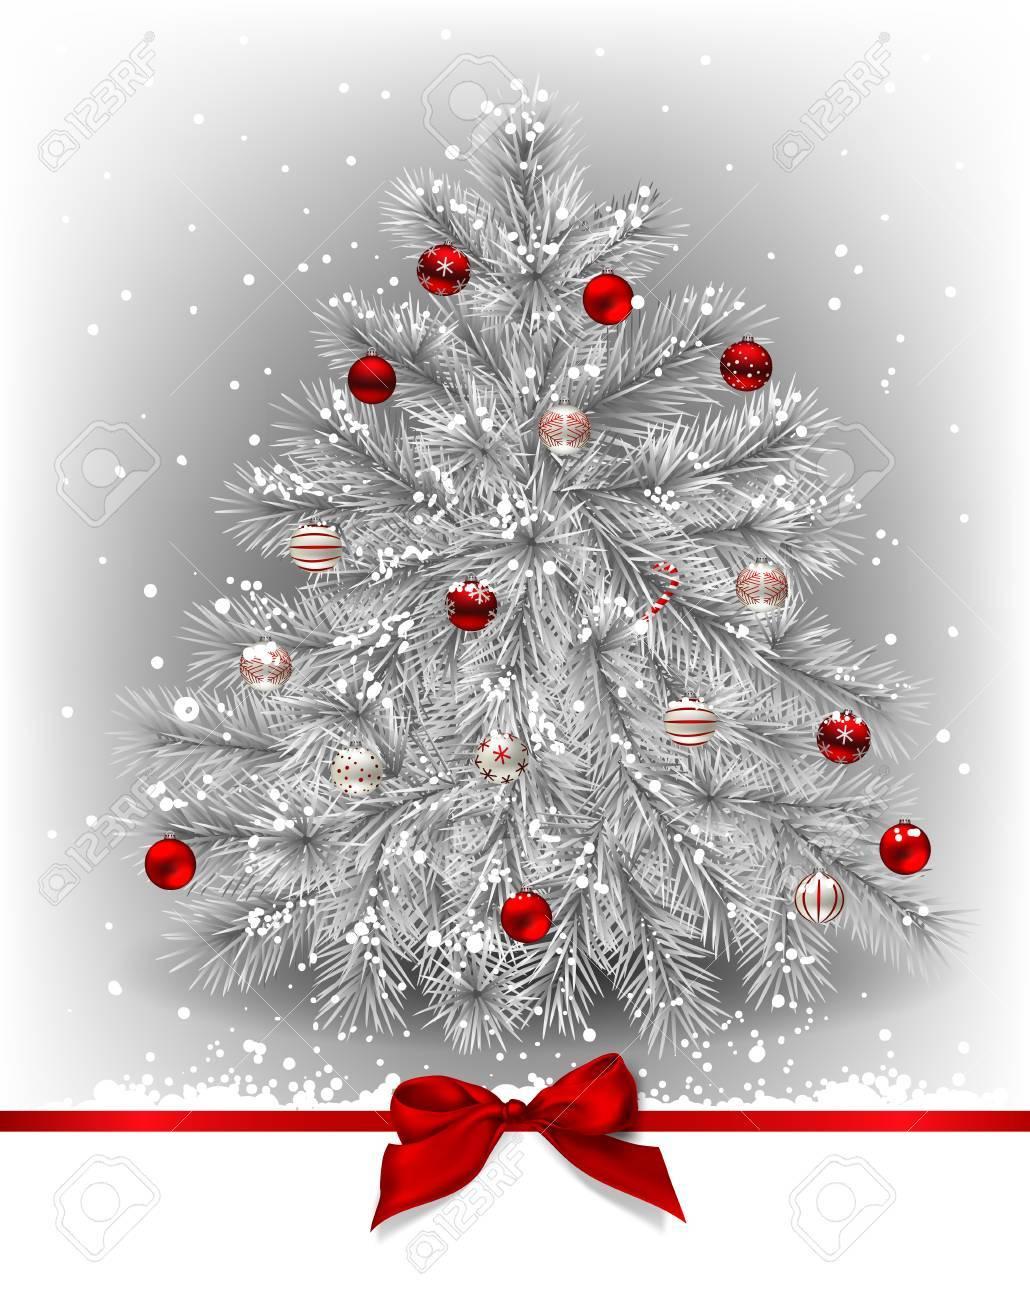 Arbre de Noël. Blanc sapin décoré avec des boules rouges sur fond gris avec  des chutes de neige et arc rouge.